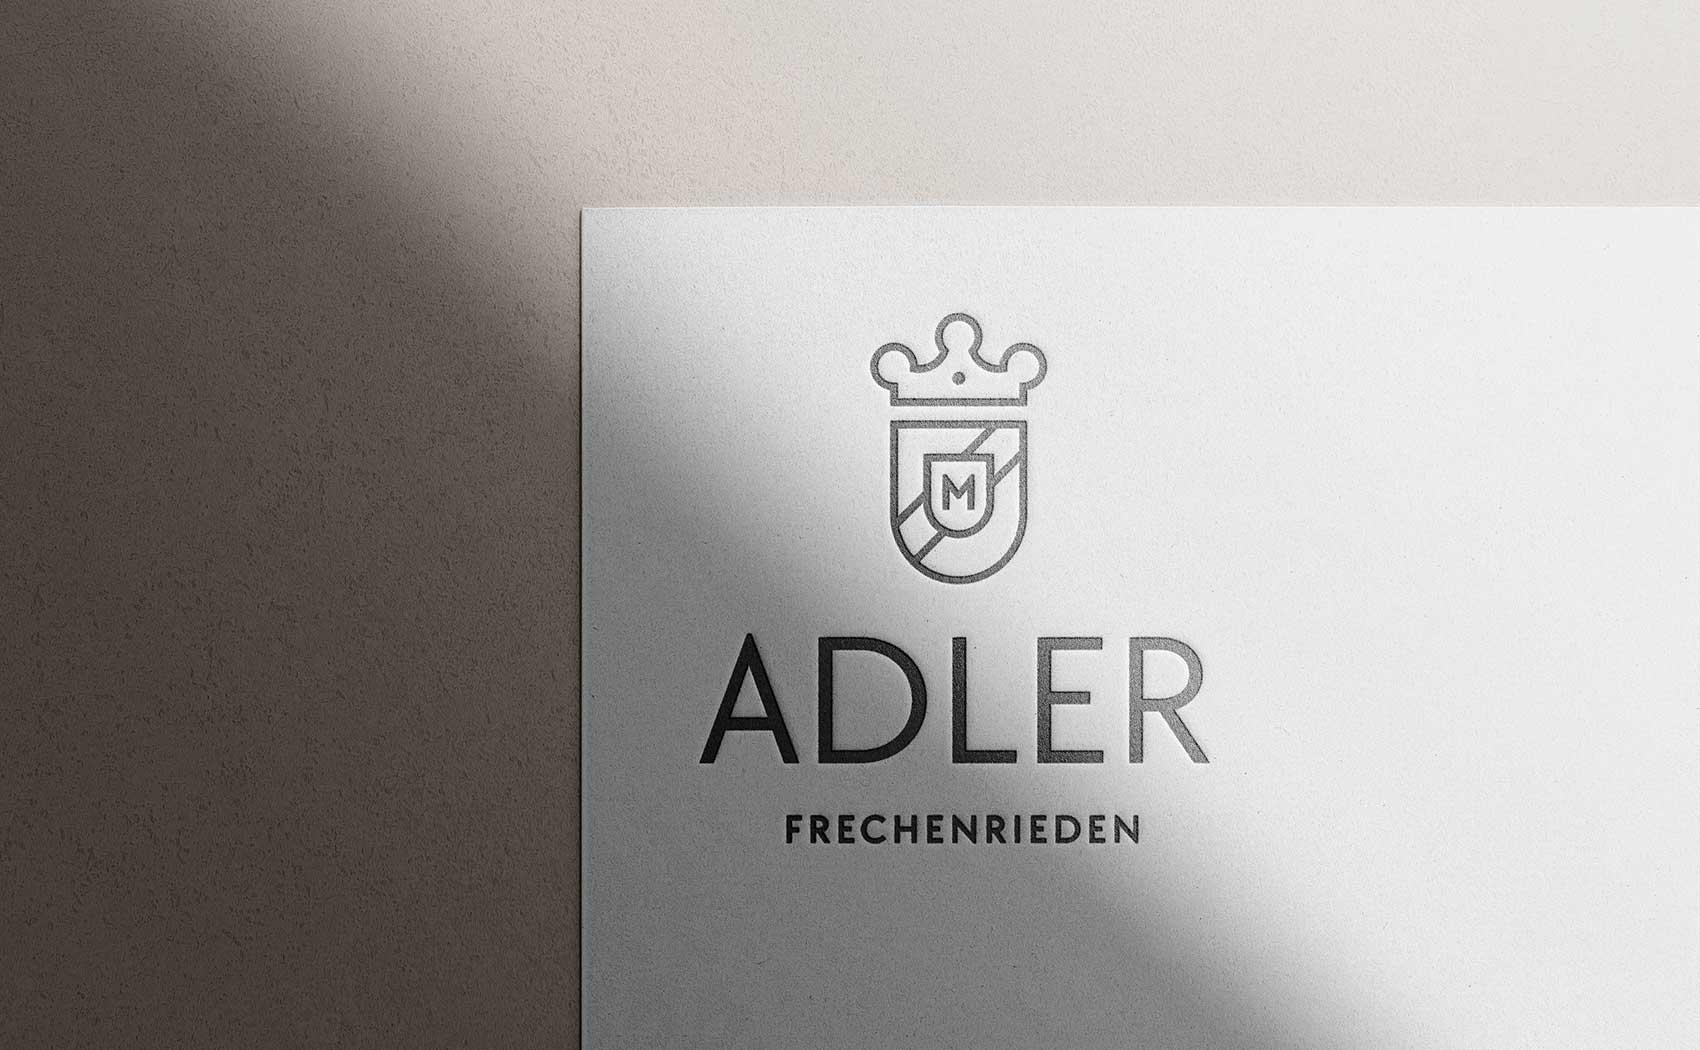 Logoentwicklung und Design eines Wappens für den Gasthof Adler von Bernhard Munding